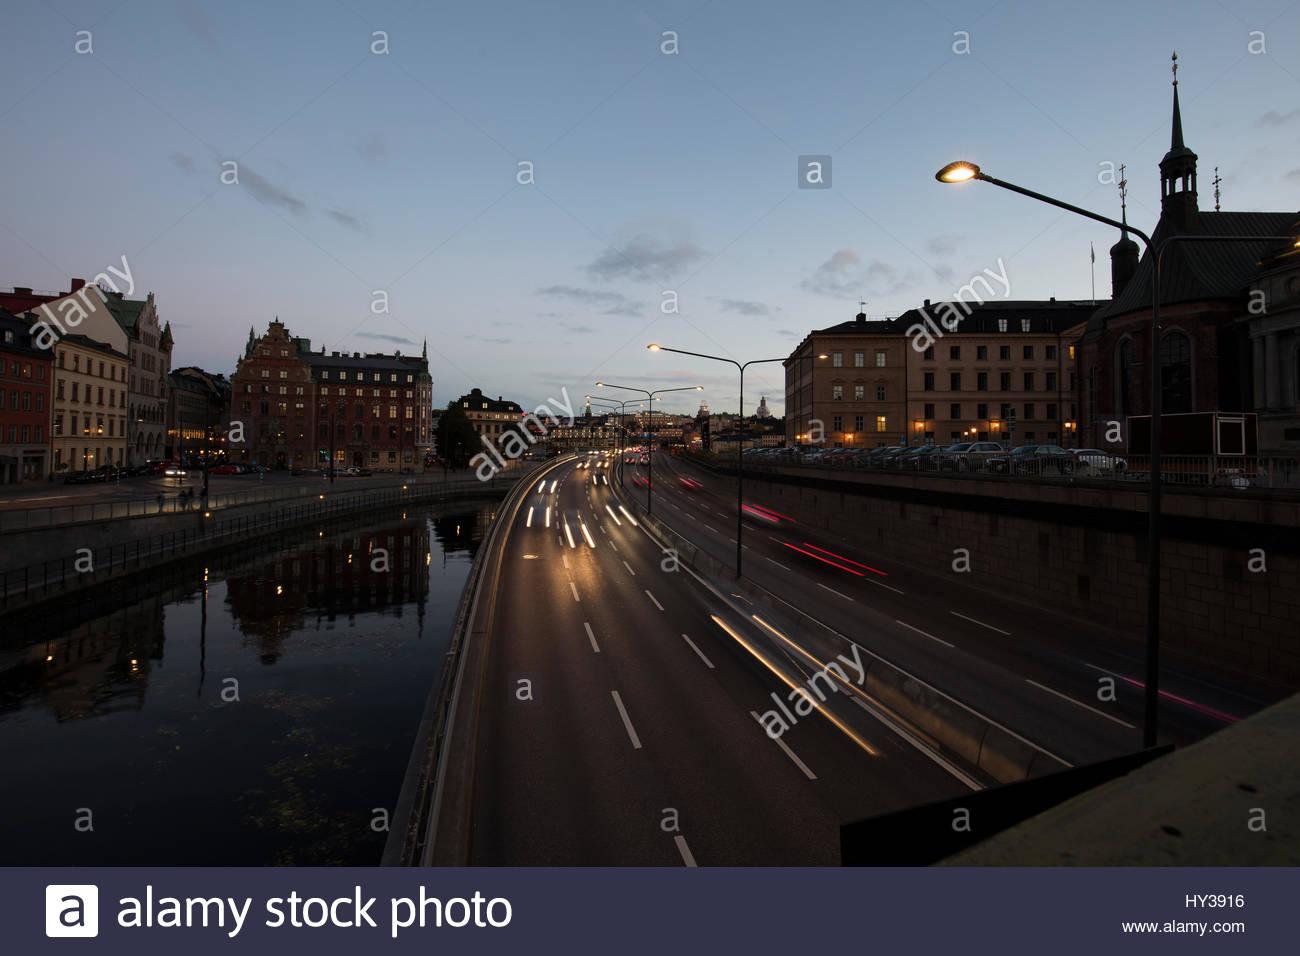 La Suède, Stockholm, Södermalm, nuage noir au-dessus de la mer au coucher du soleil Photo Stock